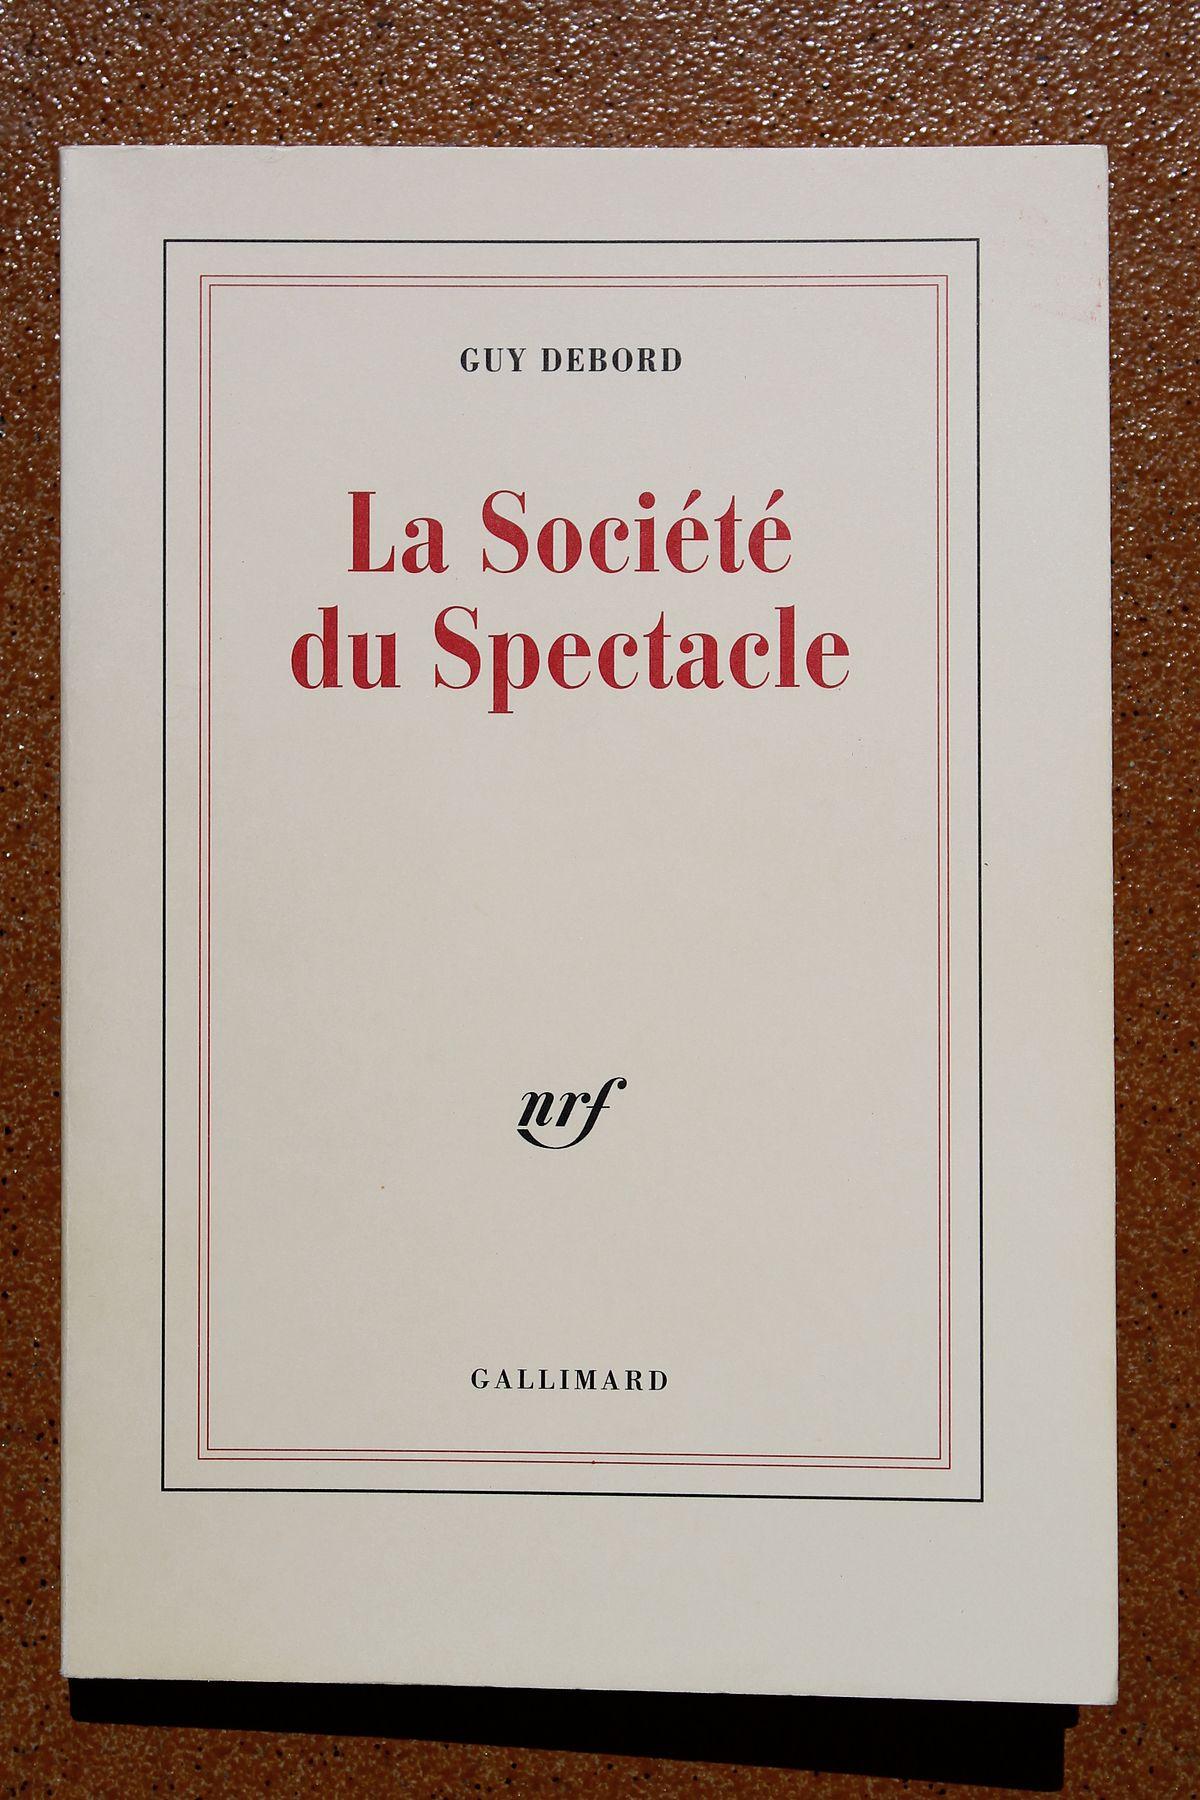 Commentaires Sur La Société Du Spectacle : commentaires, société, spectacle, Société, Spectacle, (livre), Wikipédia